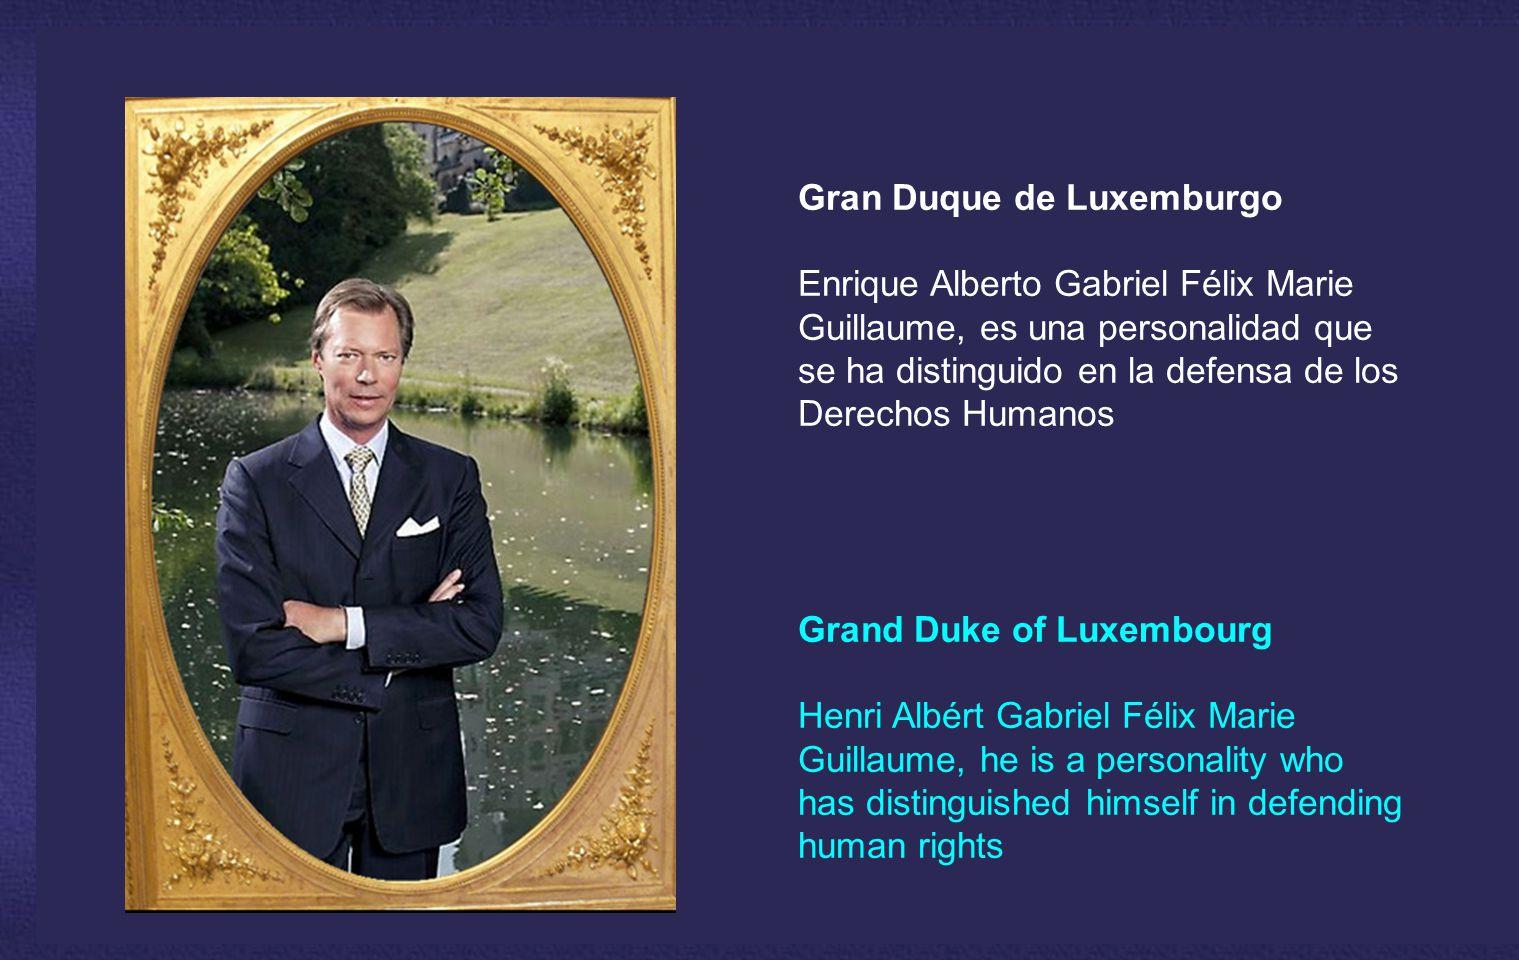 El Gran Ducado de Luxemburgo es una Monarquía.